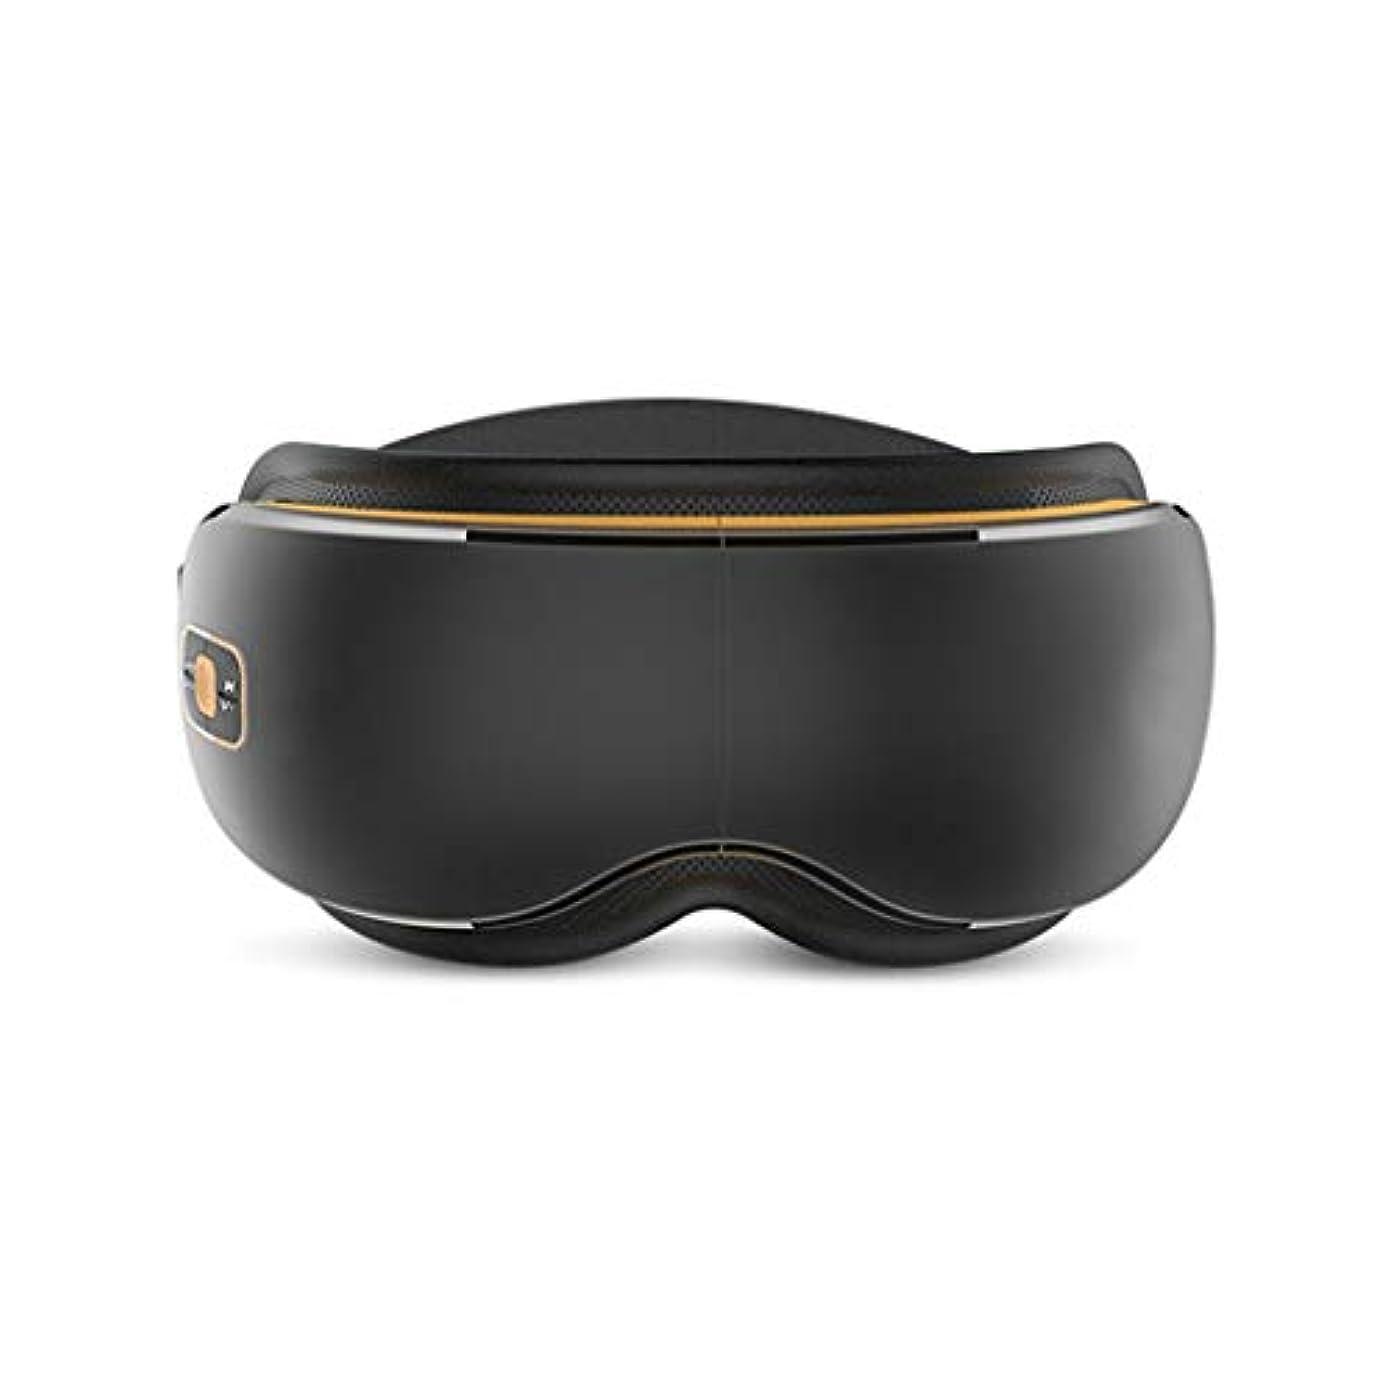 にもかかわらず注意ポルティコ電気アイマッサージャー振動マッサージ暖房/ラップ/音楽/空気圧縮4つのモードで目をリラックスさせて暗い円を減らし、睡眠を改善するためのヘッドプレッシャーを緩和